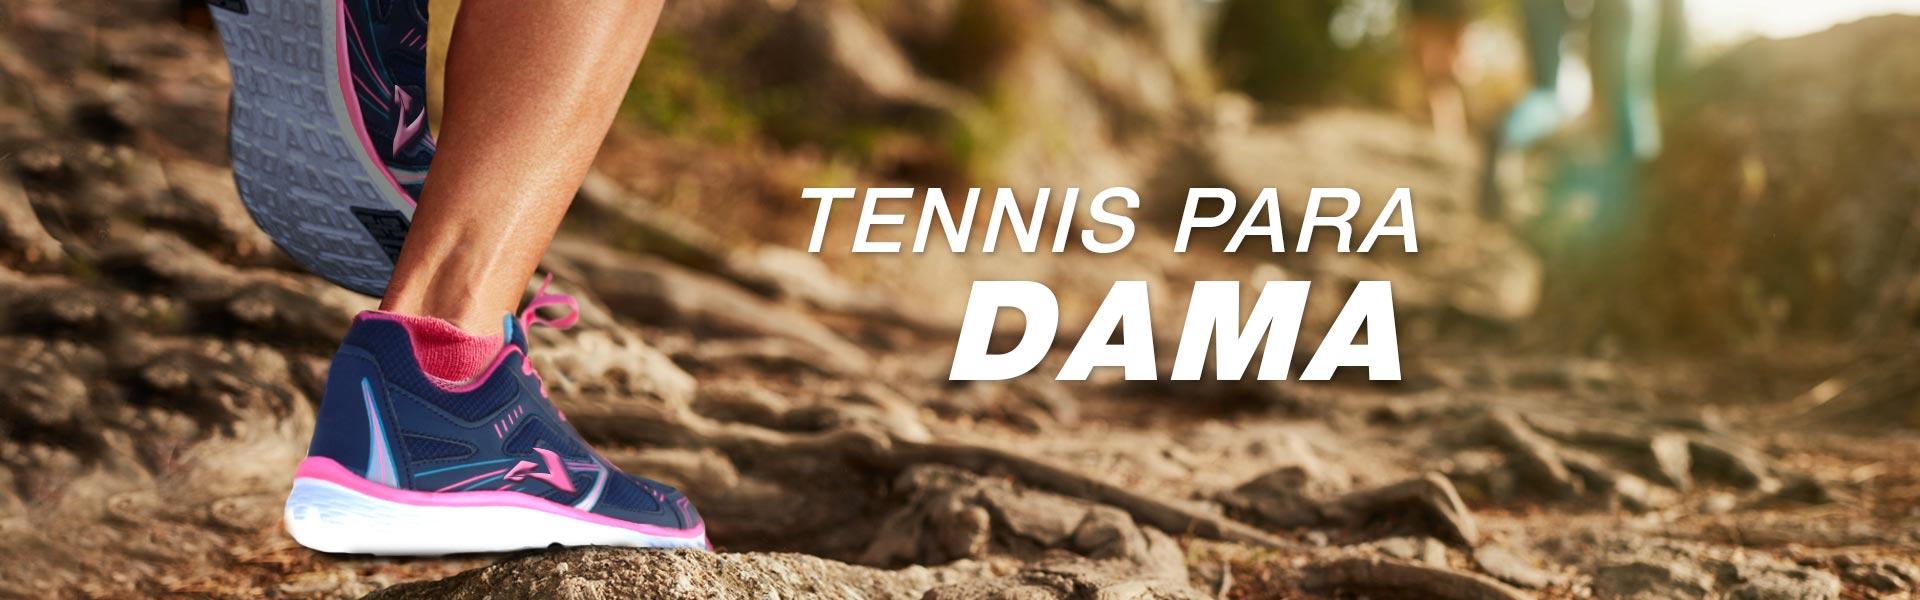 tenis-mayoreo-guadalajara-arkwyn-banner-dama